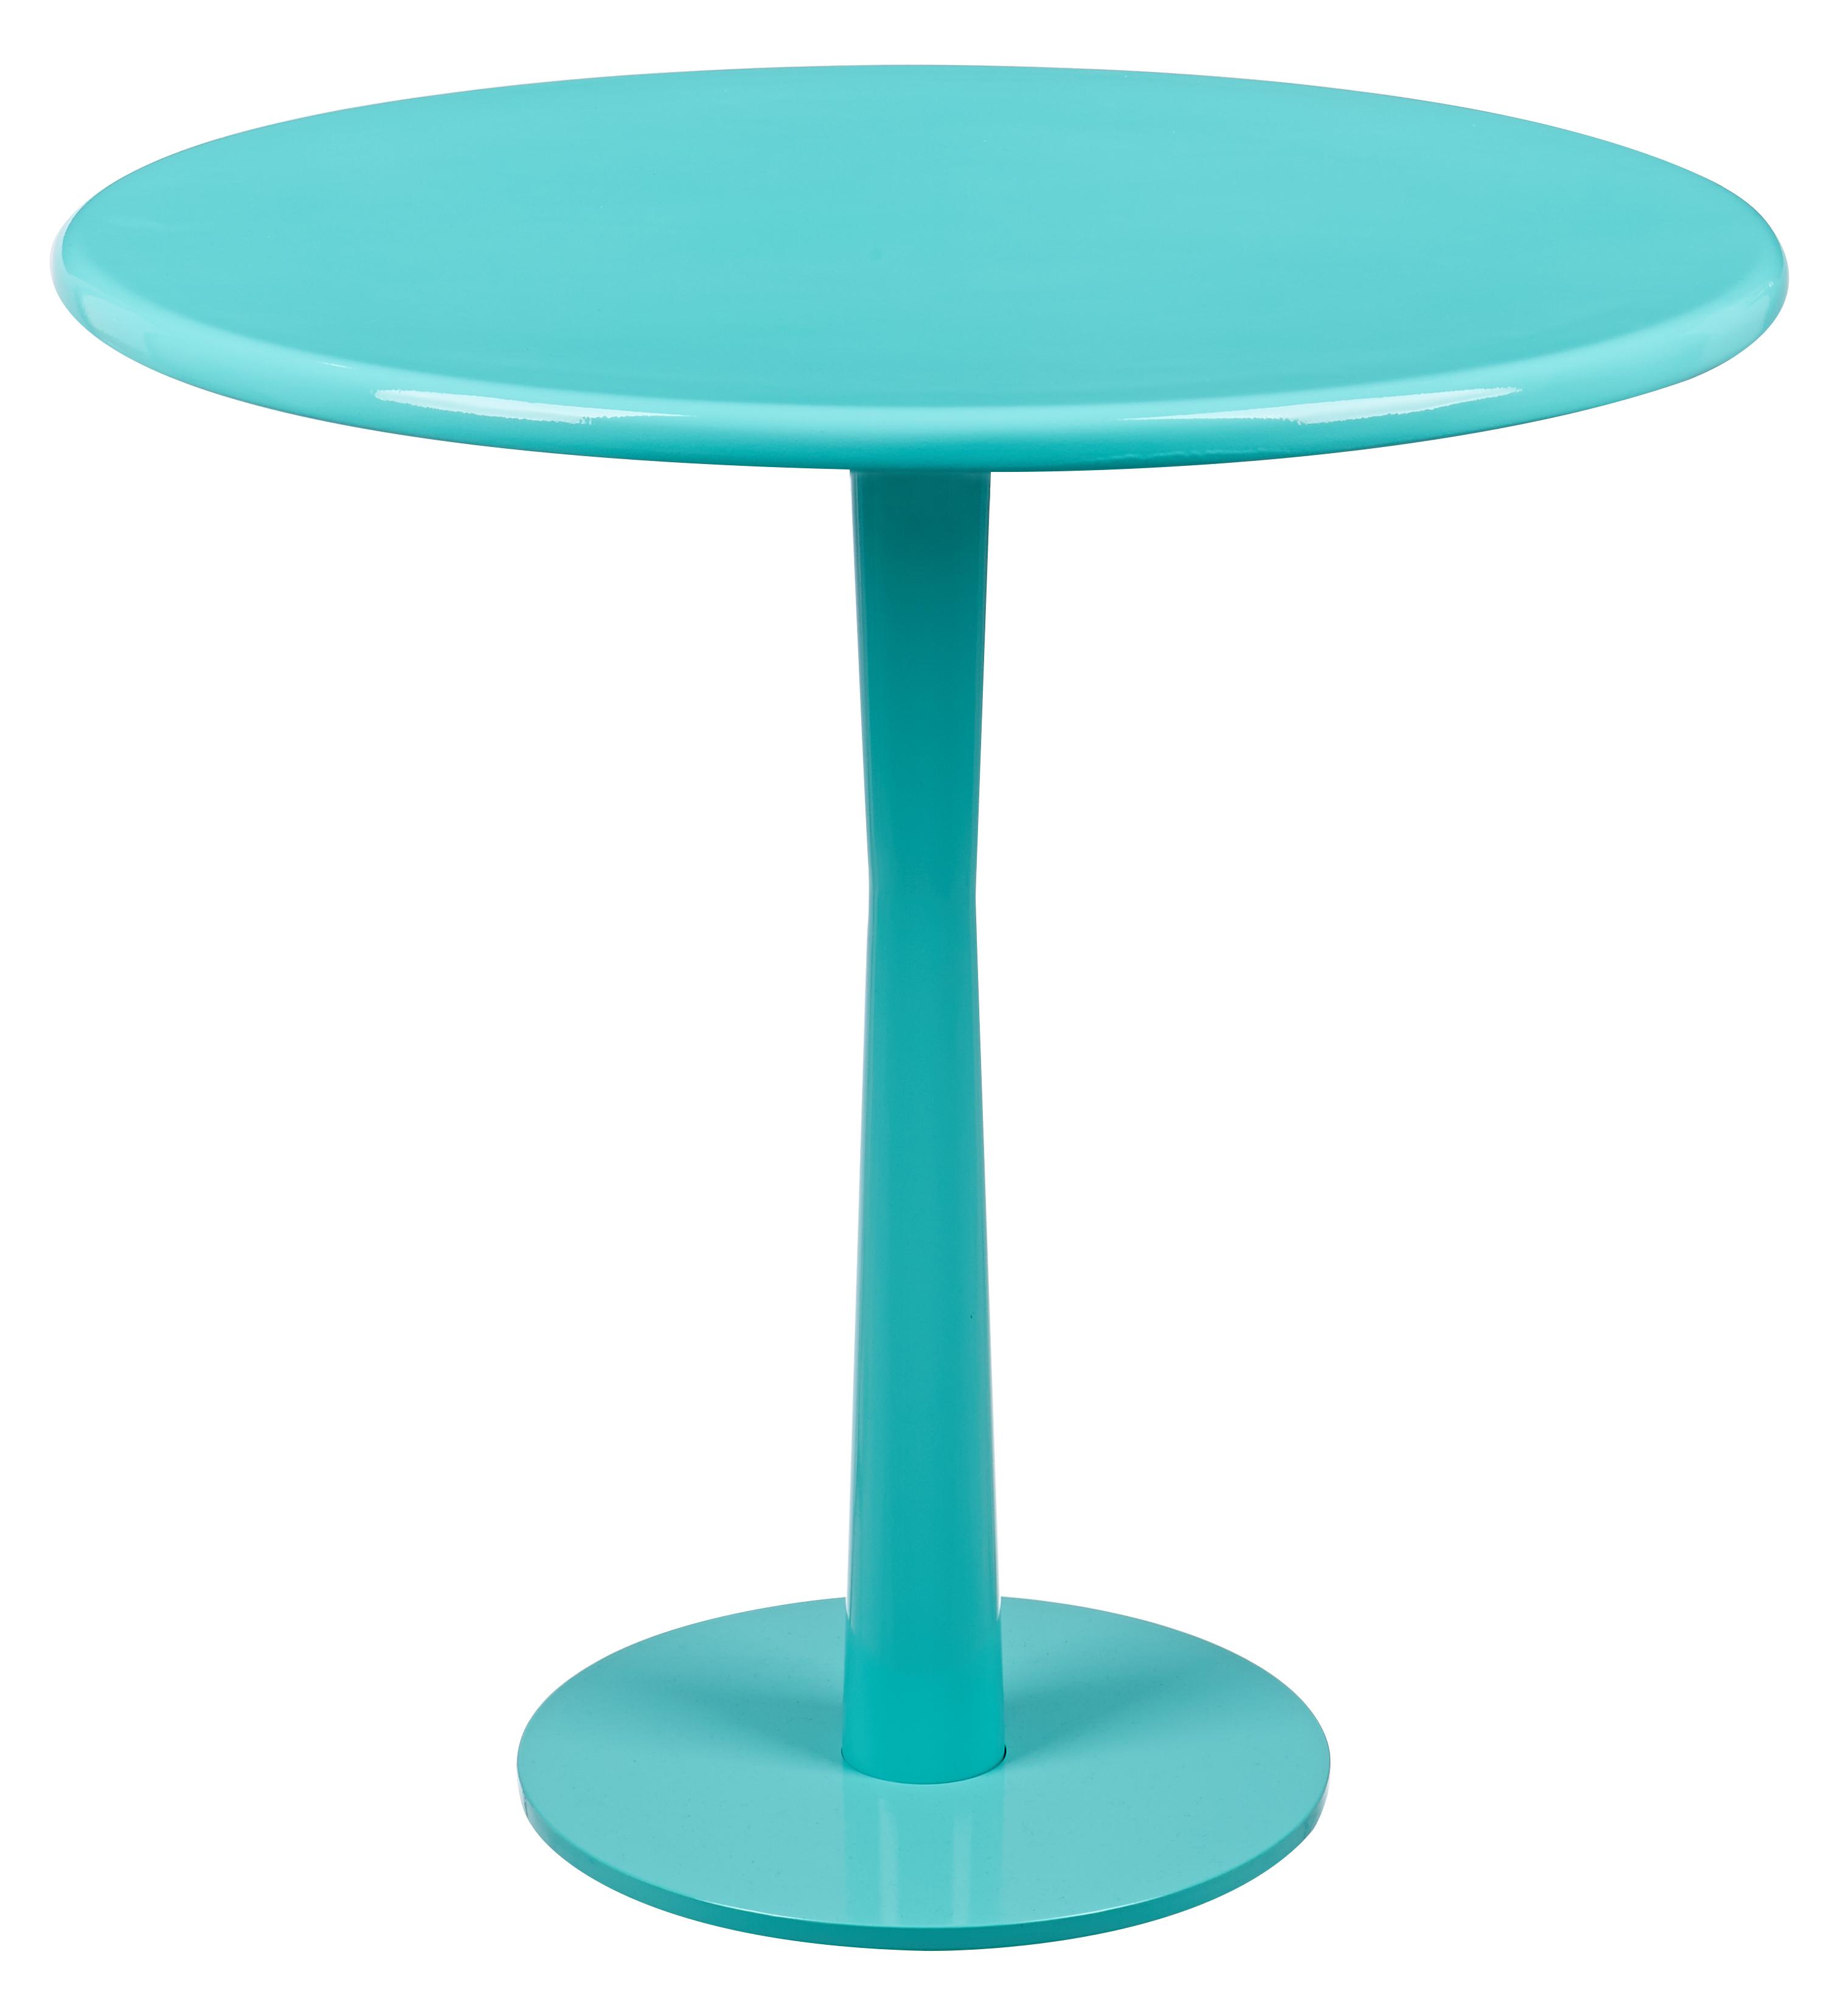 馬卡龍系列邊桌/湖水綠色